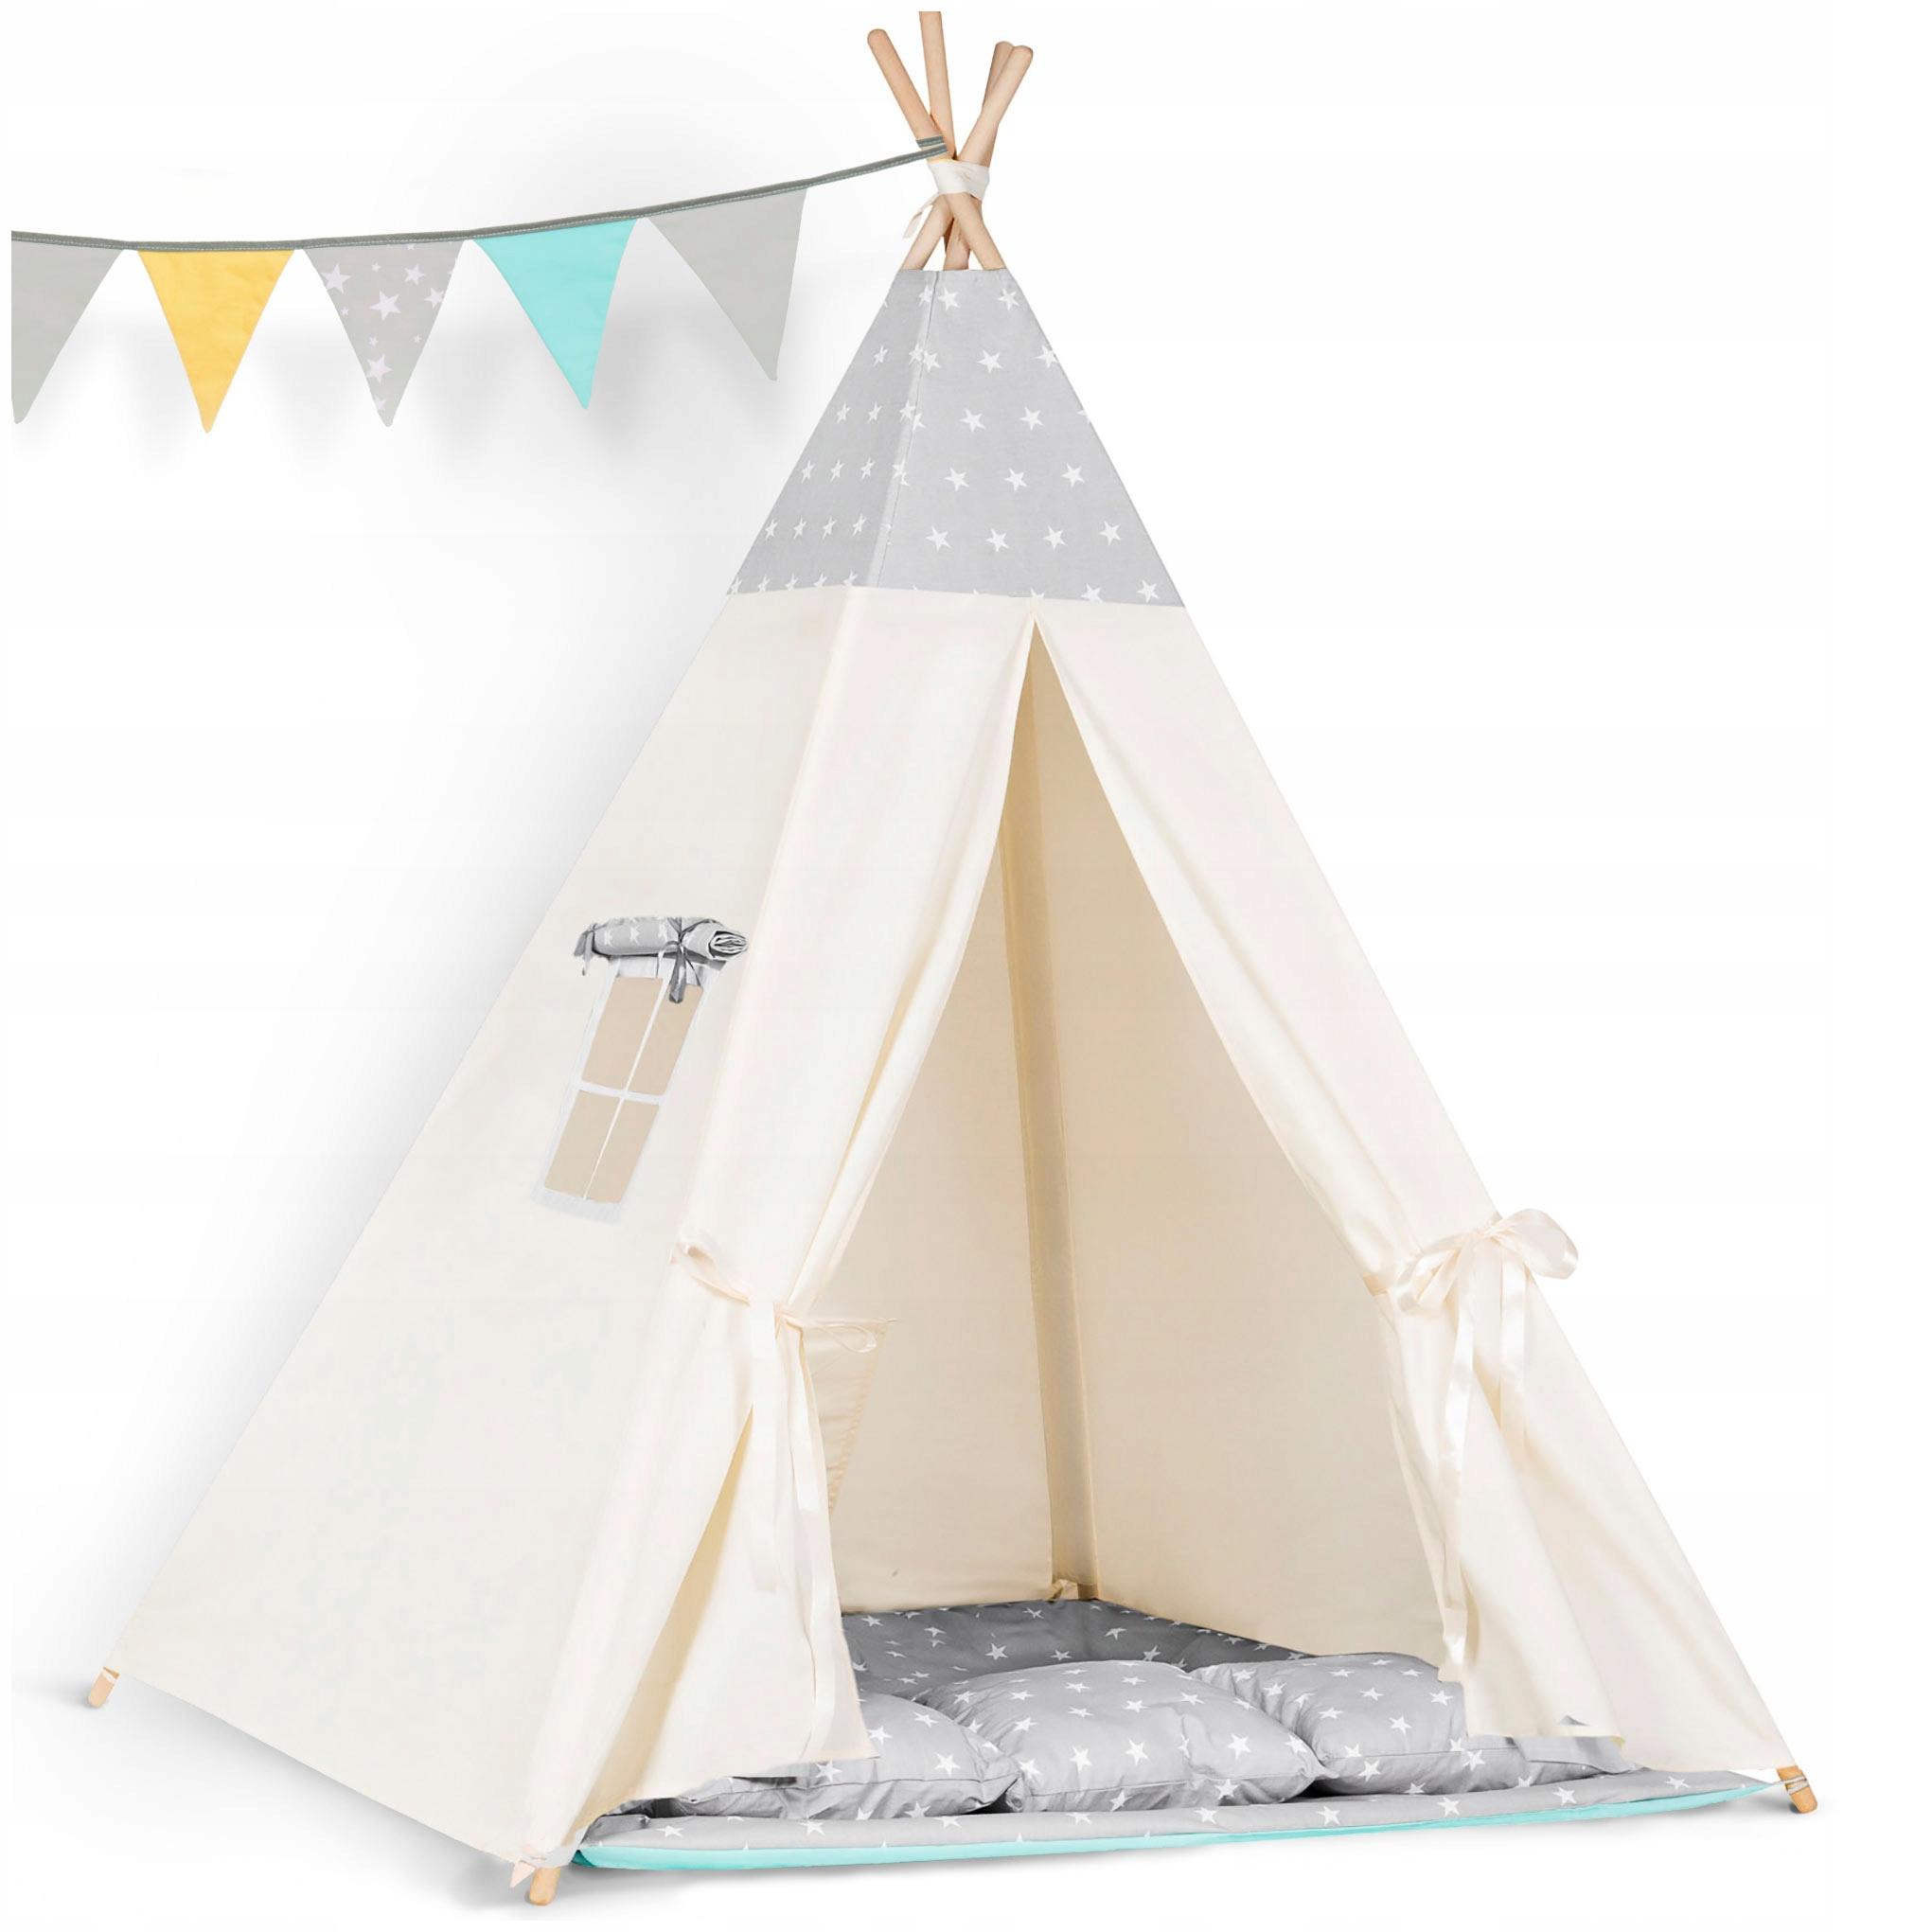 стабильная палатка ТИПИ, домик для детей, вигвам